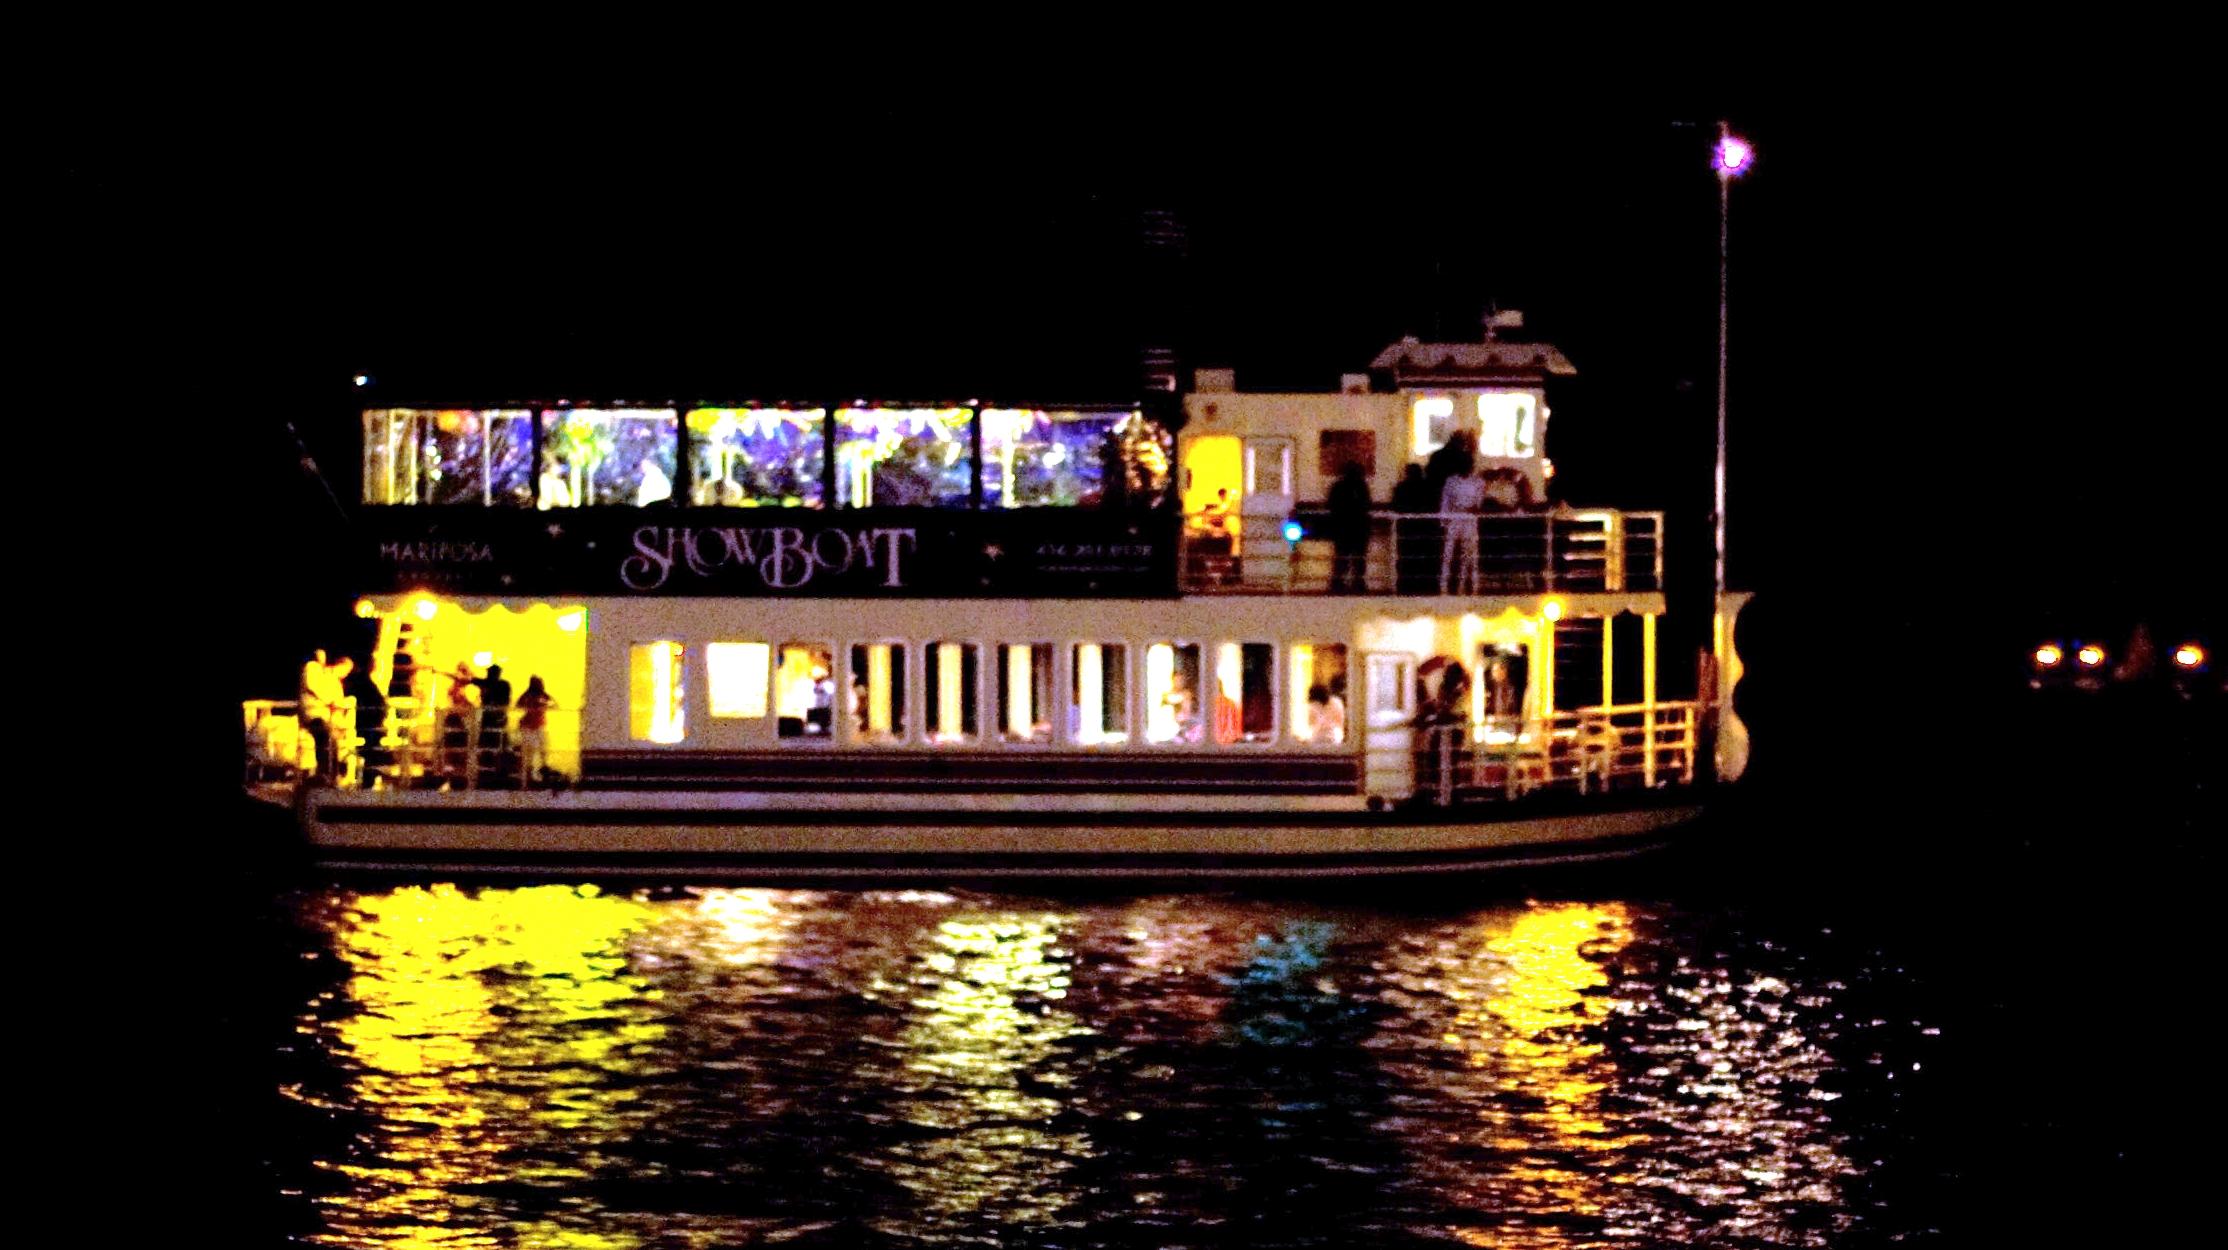 Boat Party| ©Andrew Rivett/Wikicommons